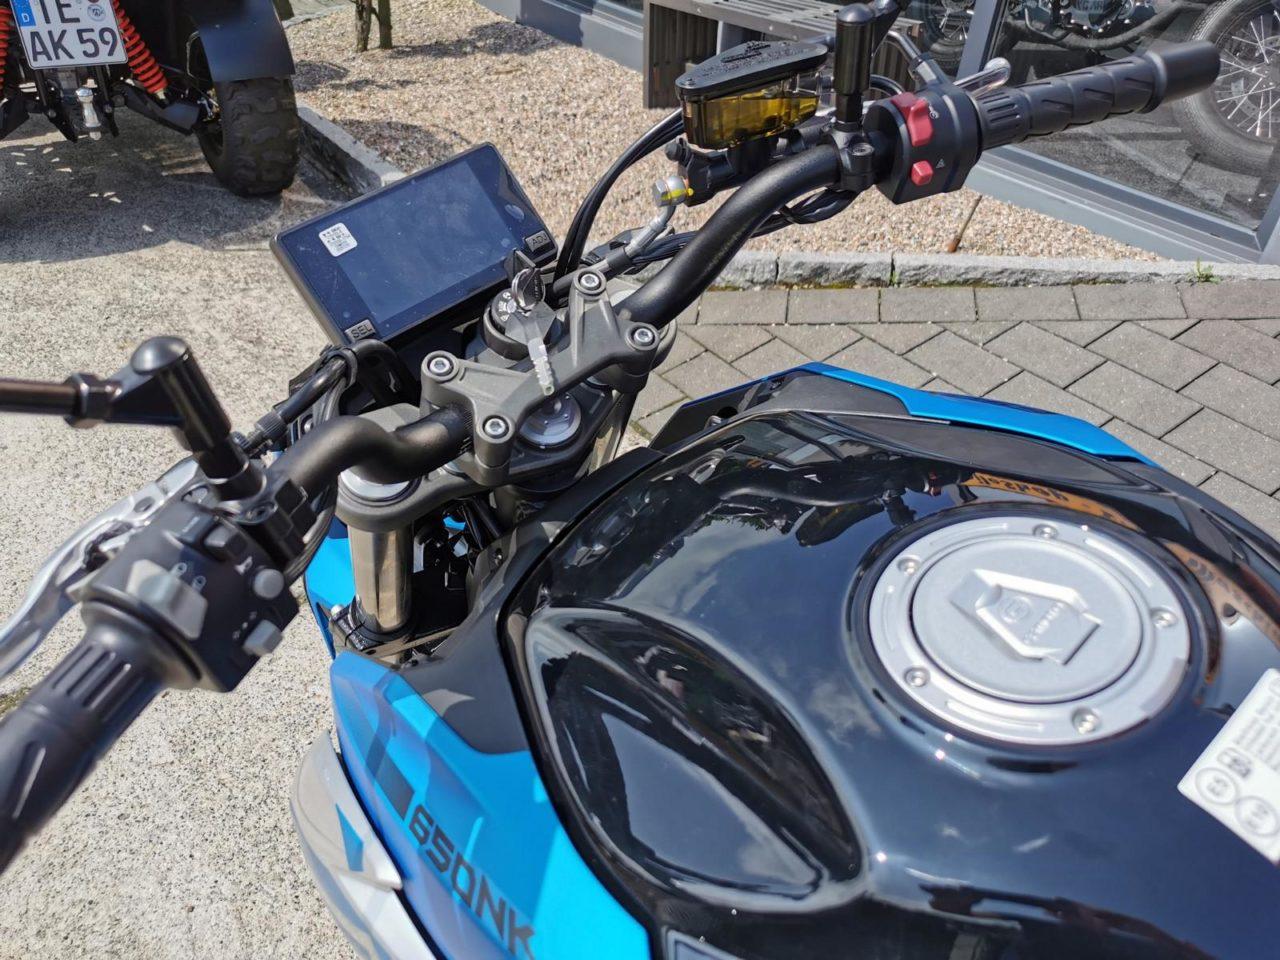 Motorrad, Naked Bike CF Moto 650 NK, ABS, Euro 5 Modell